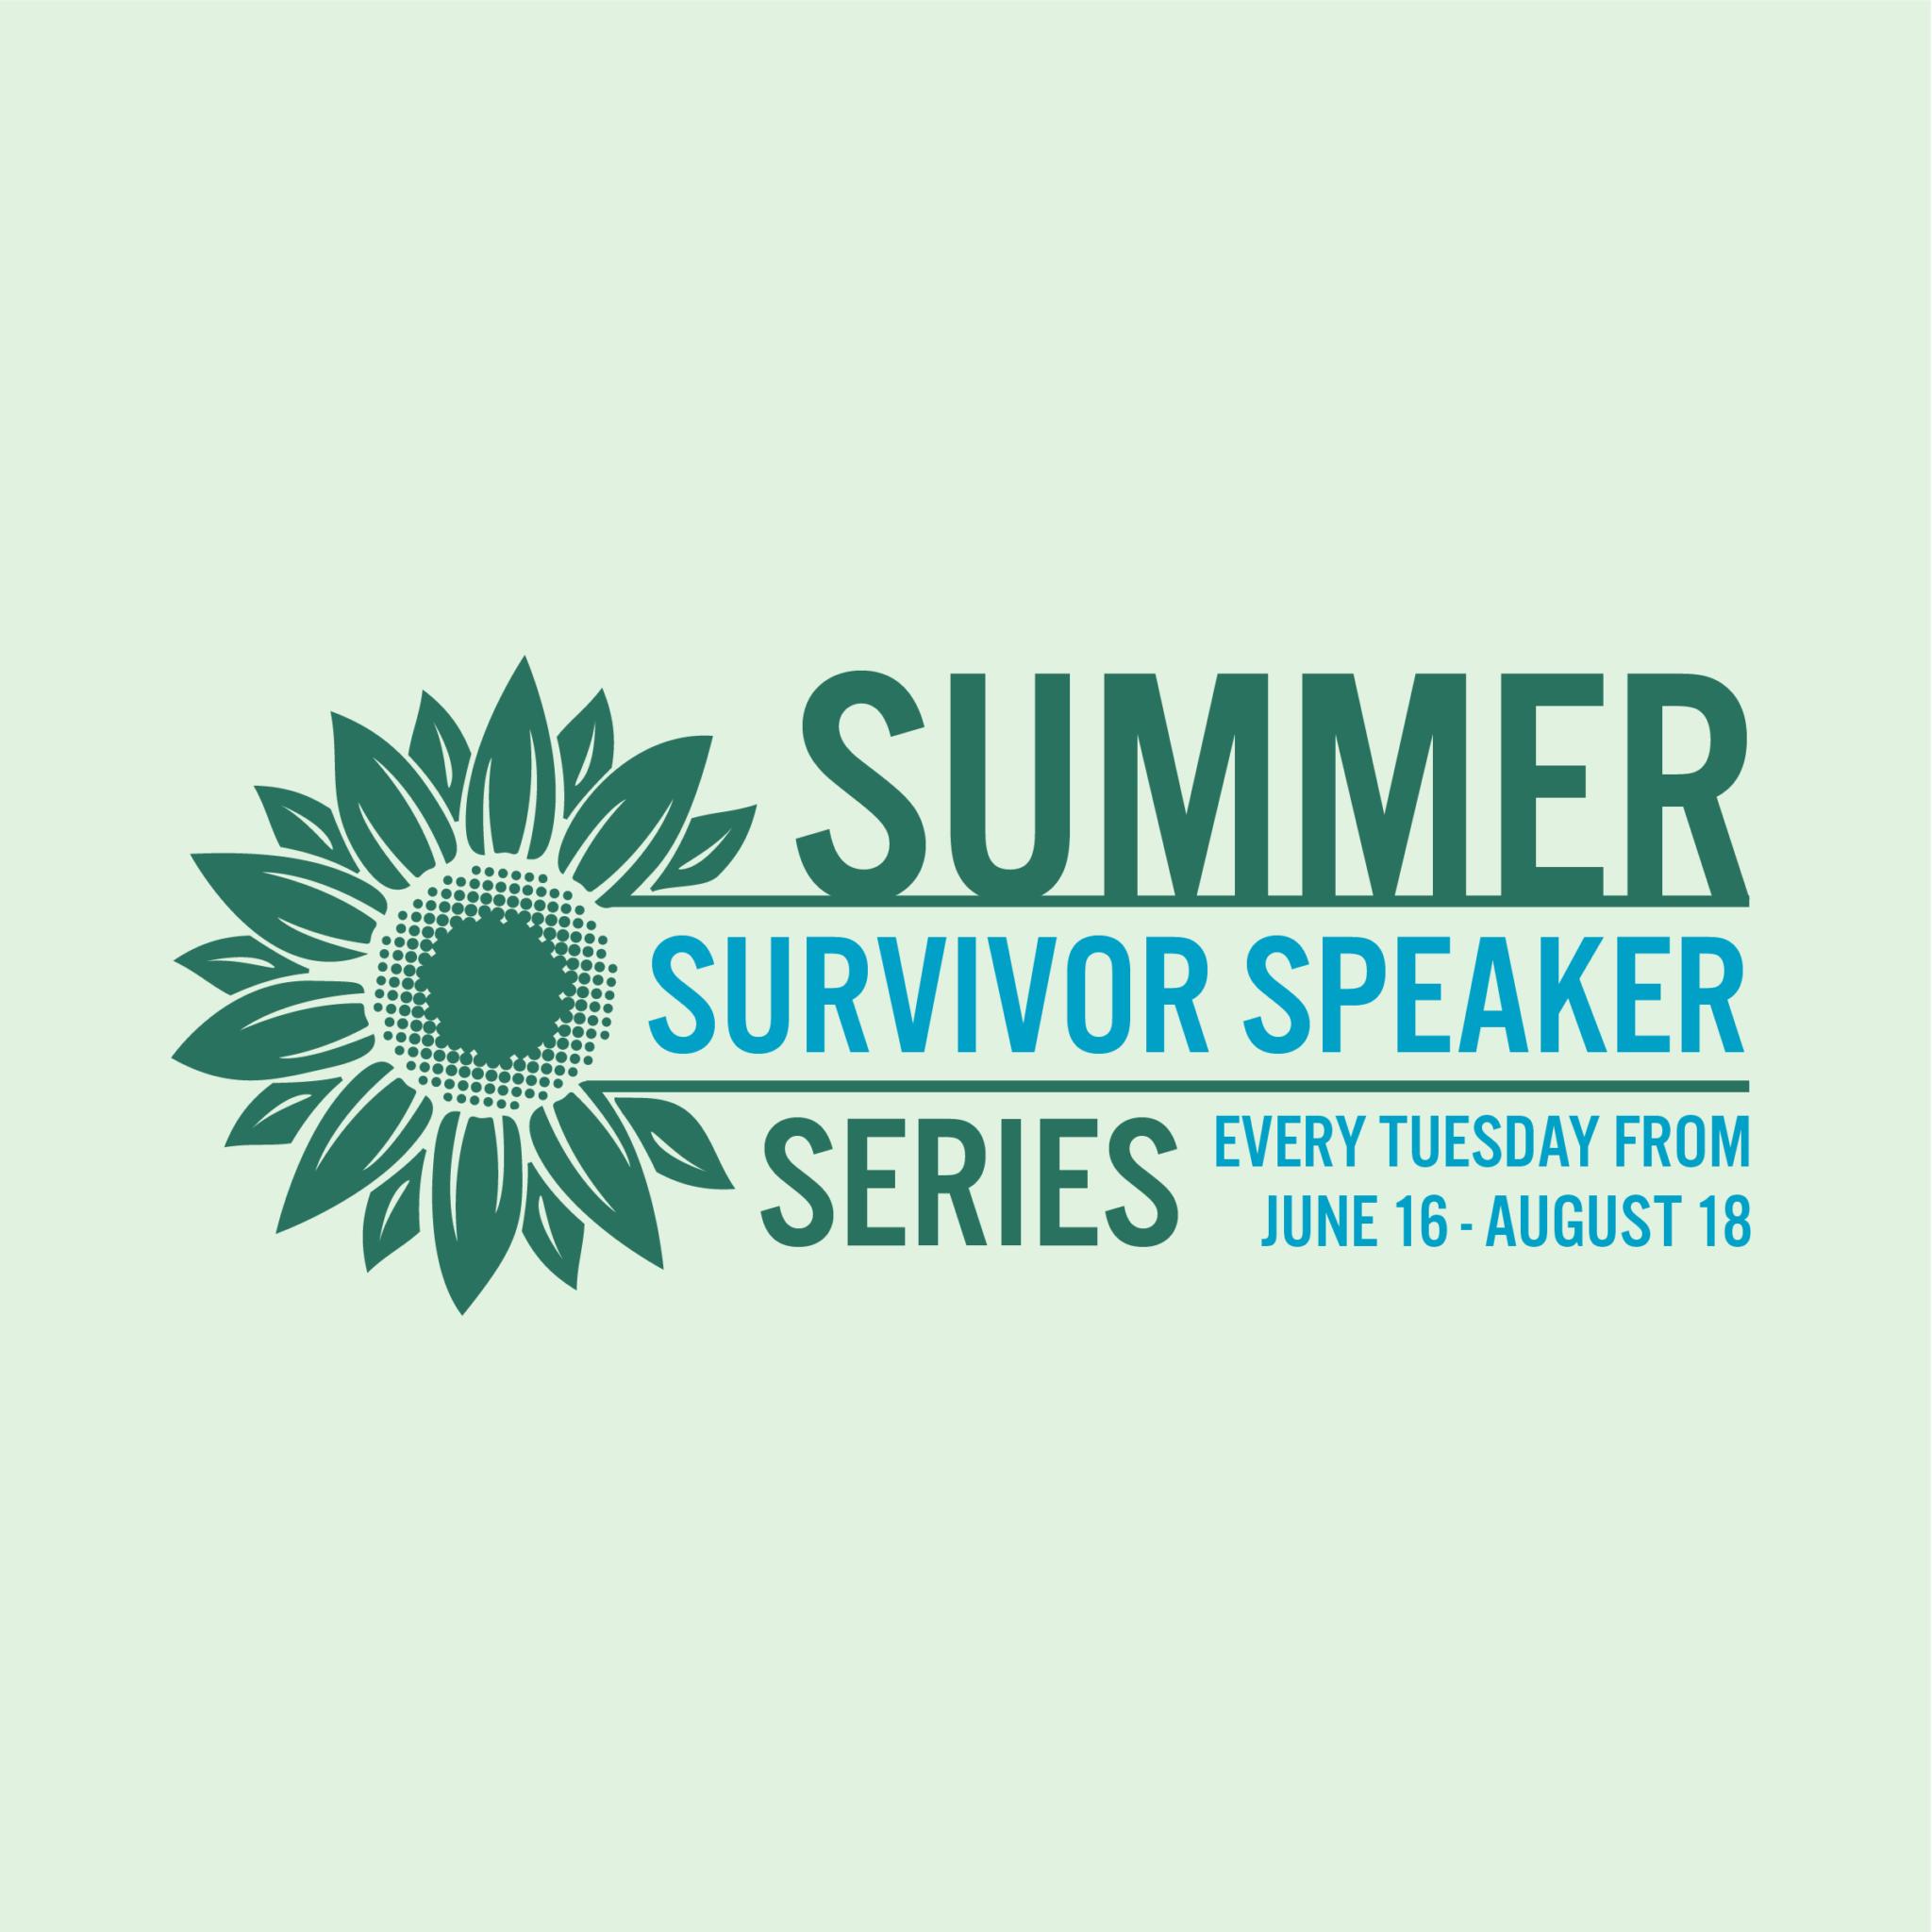 Summer Survivor Speaker Series – Julie Meetal Berman